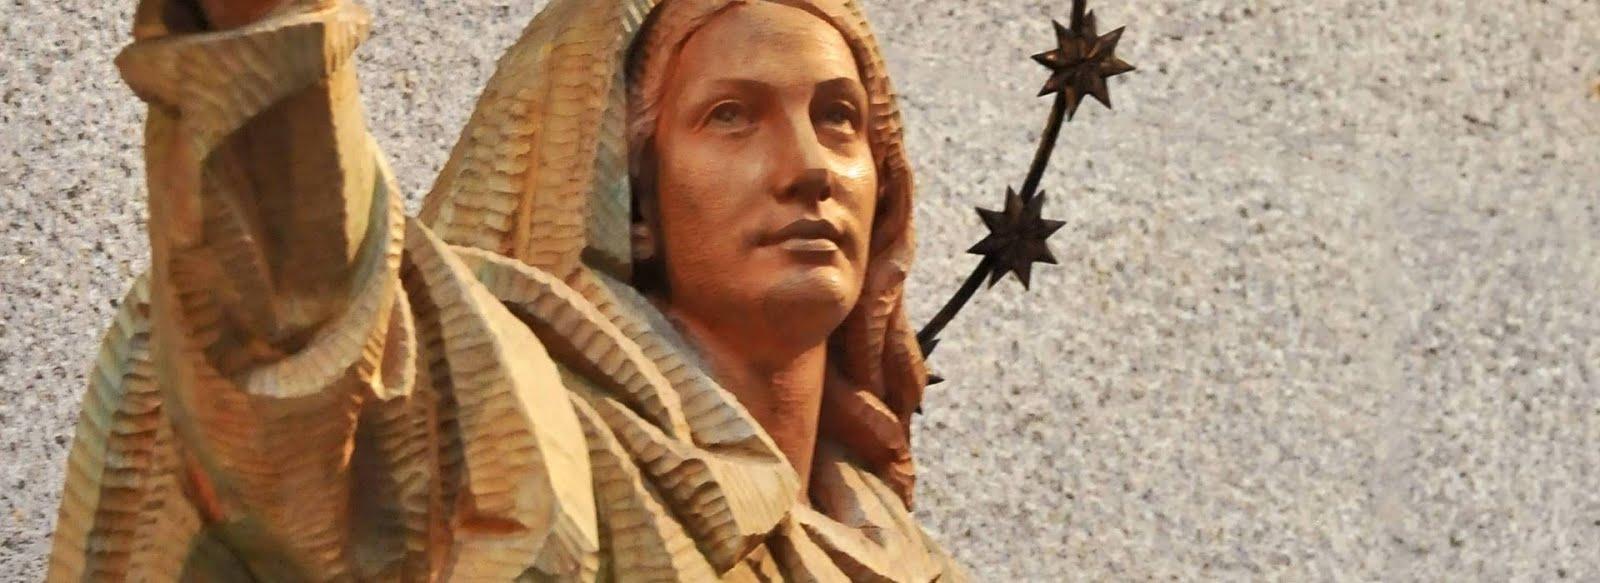 Recemos por cada madre; la Santa Madre Iglesia; La Virgen María, Madre de Dios y nuestra